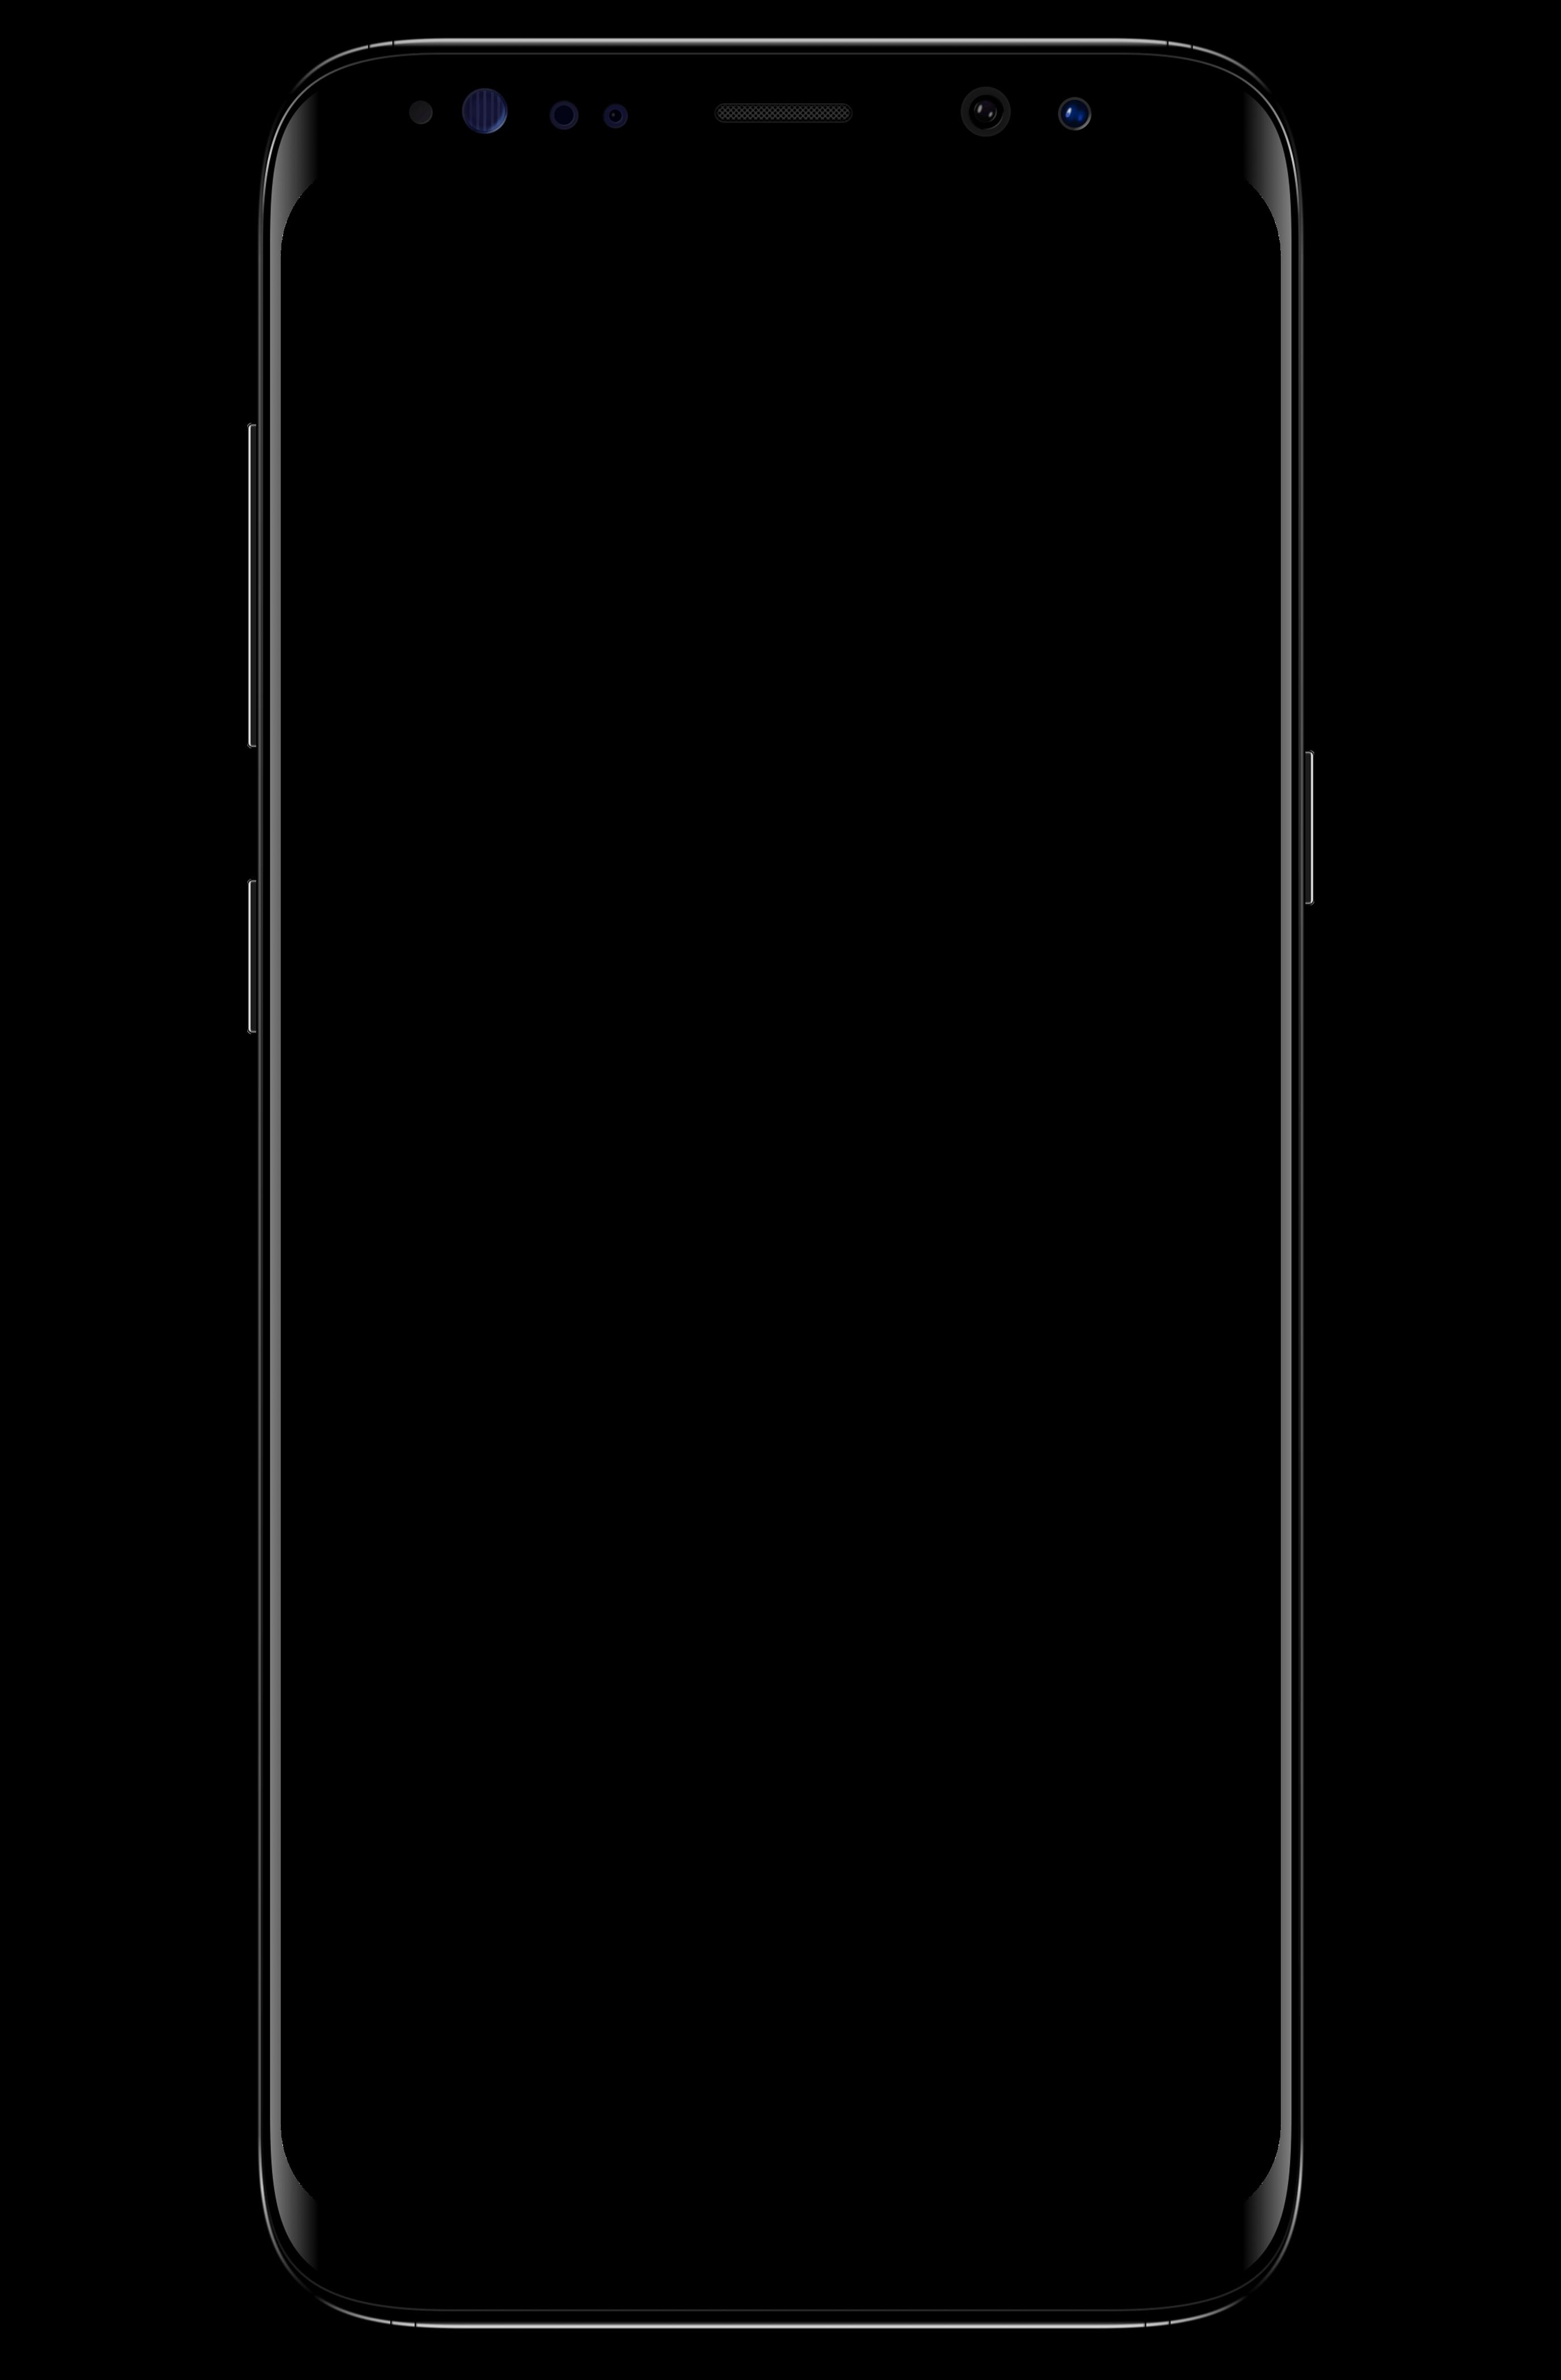 phone-frame